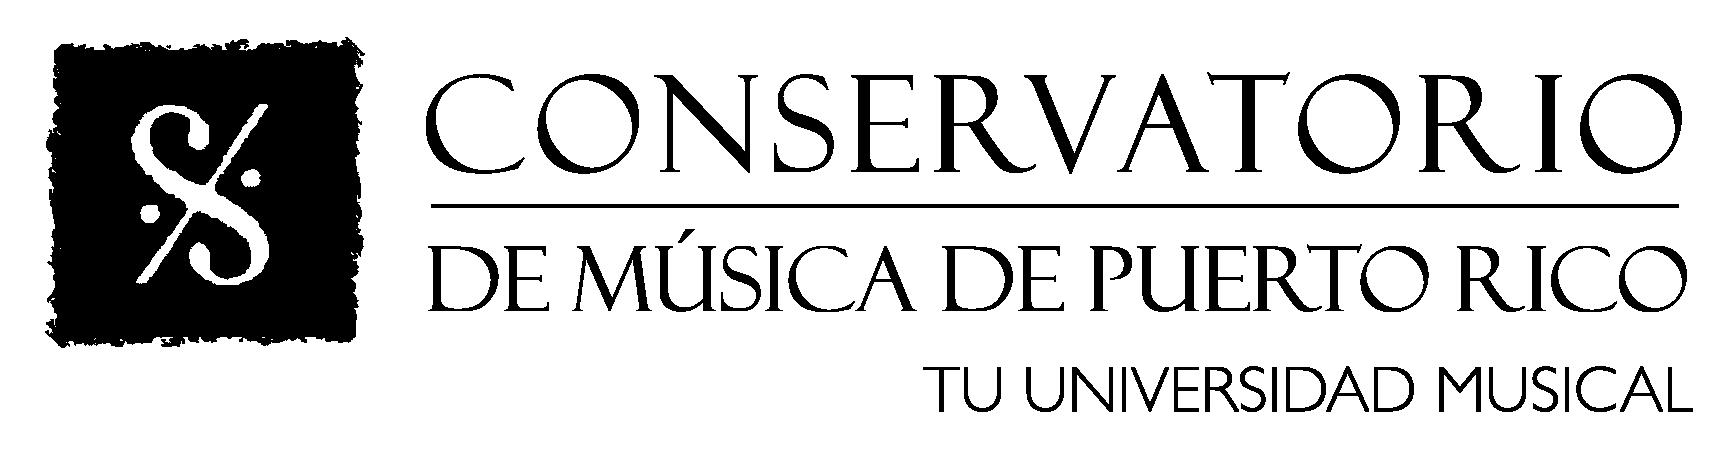 Archivo logo del conservatorio de m sica de puerto rico for Conservatorio de musica